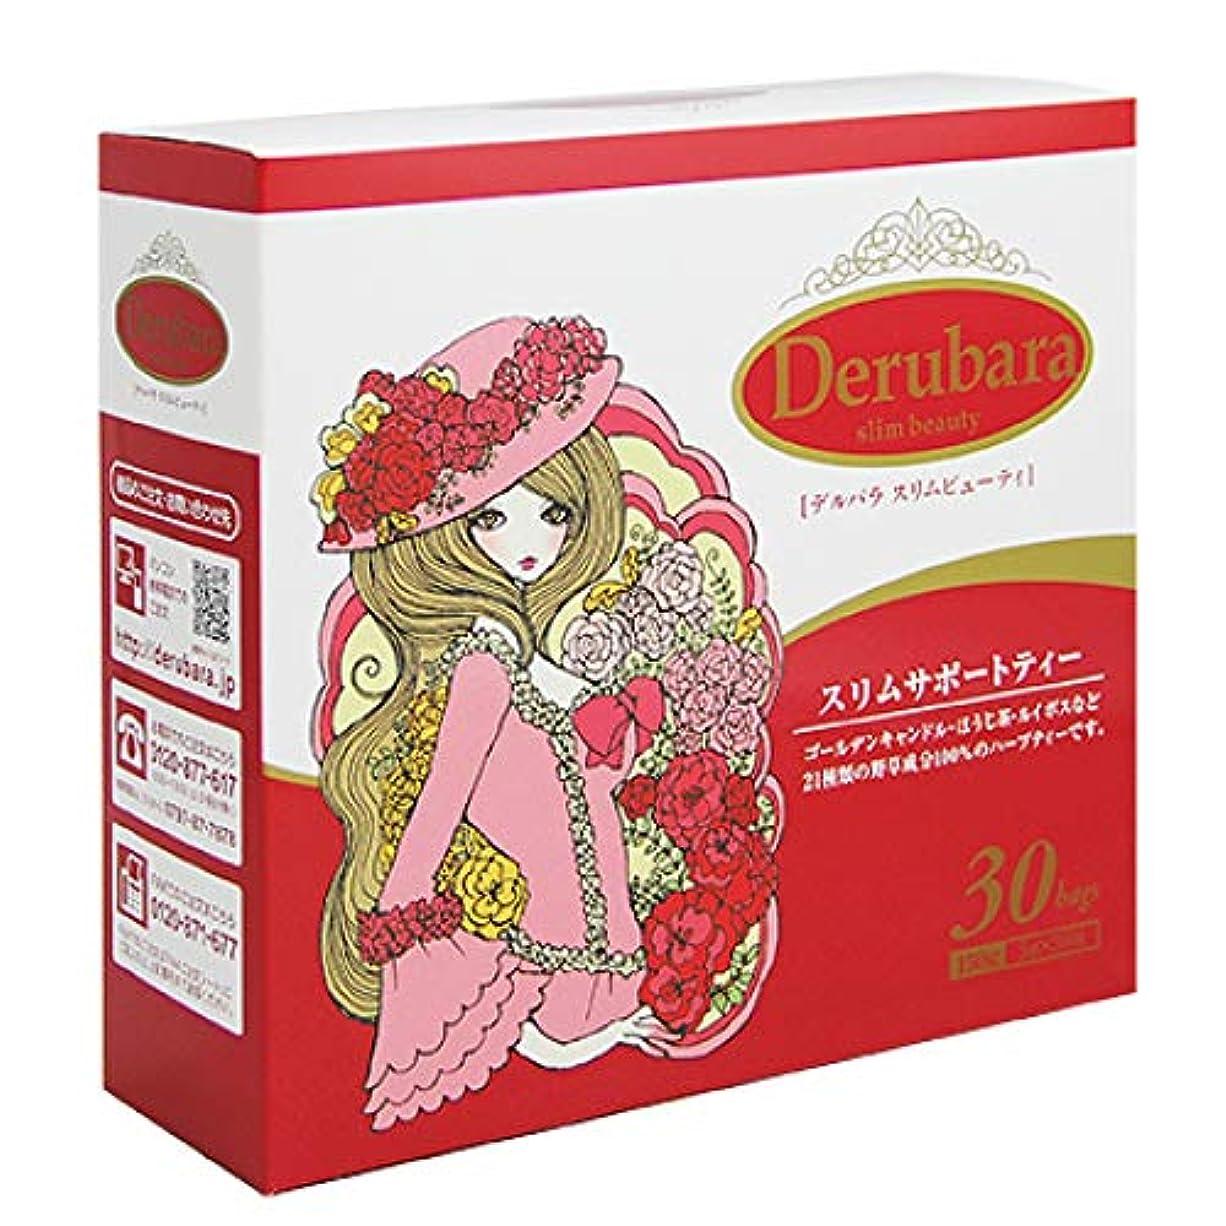 春中国受益者デルバラスリムビューティ 1箱 (1包5g×30包入)朝スッキリ! キャンドルブッシュ お茶